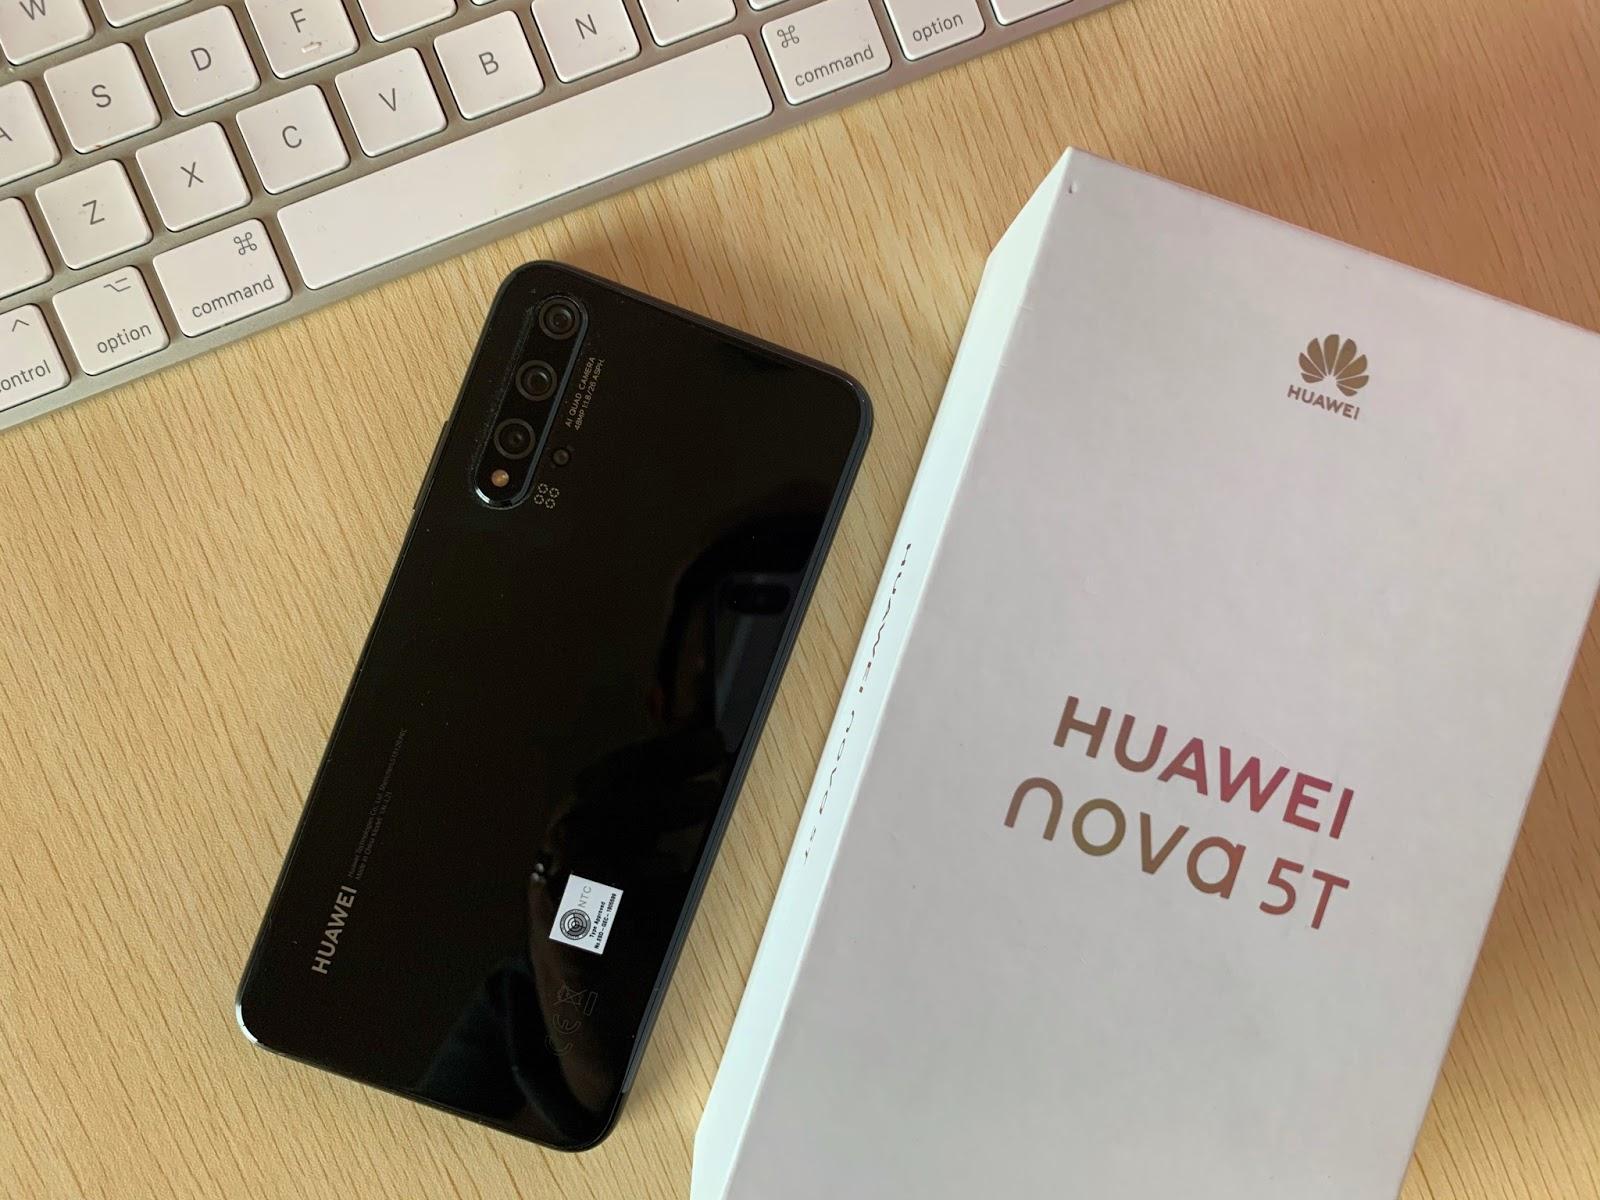 HUAWEI Nova 5T by Jexx Hinggo